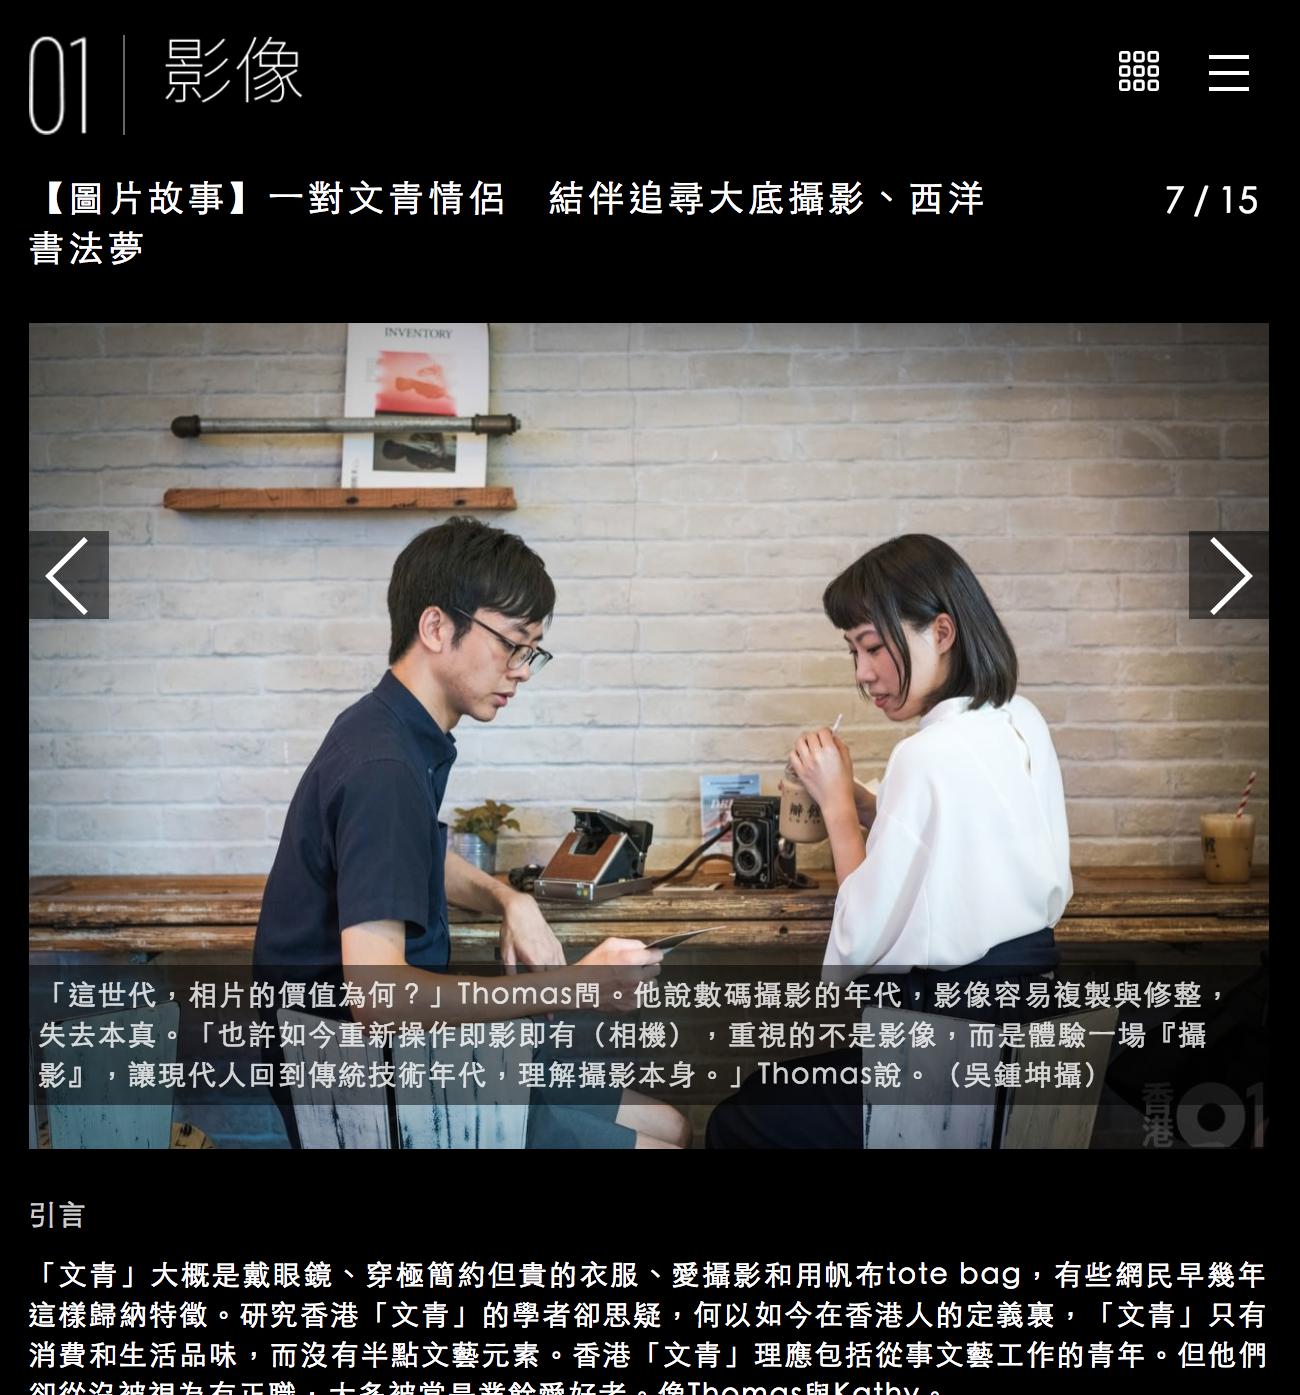 《 01影像 》  一對文青情侶 結伴追尋大底攝影、西洋書法夢   06 Oct 2017